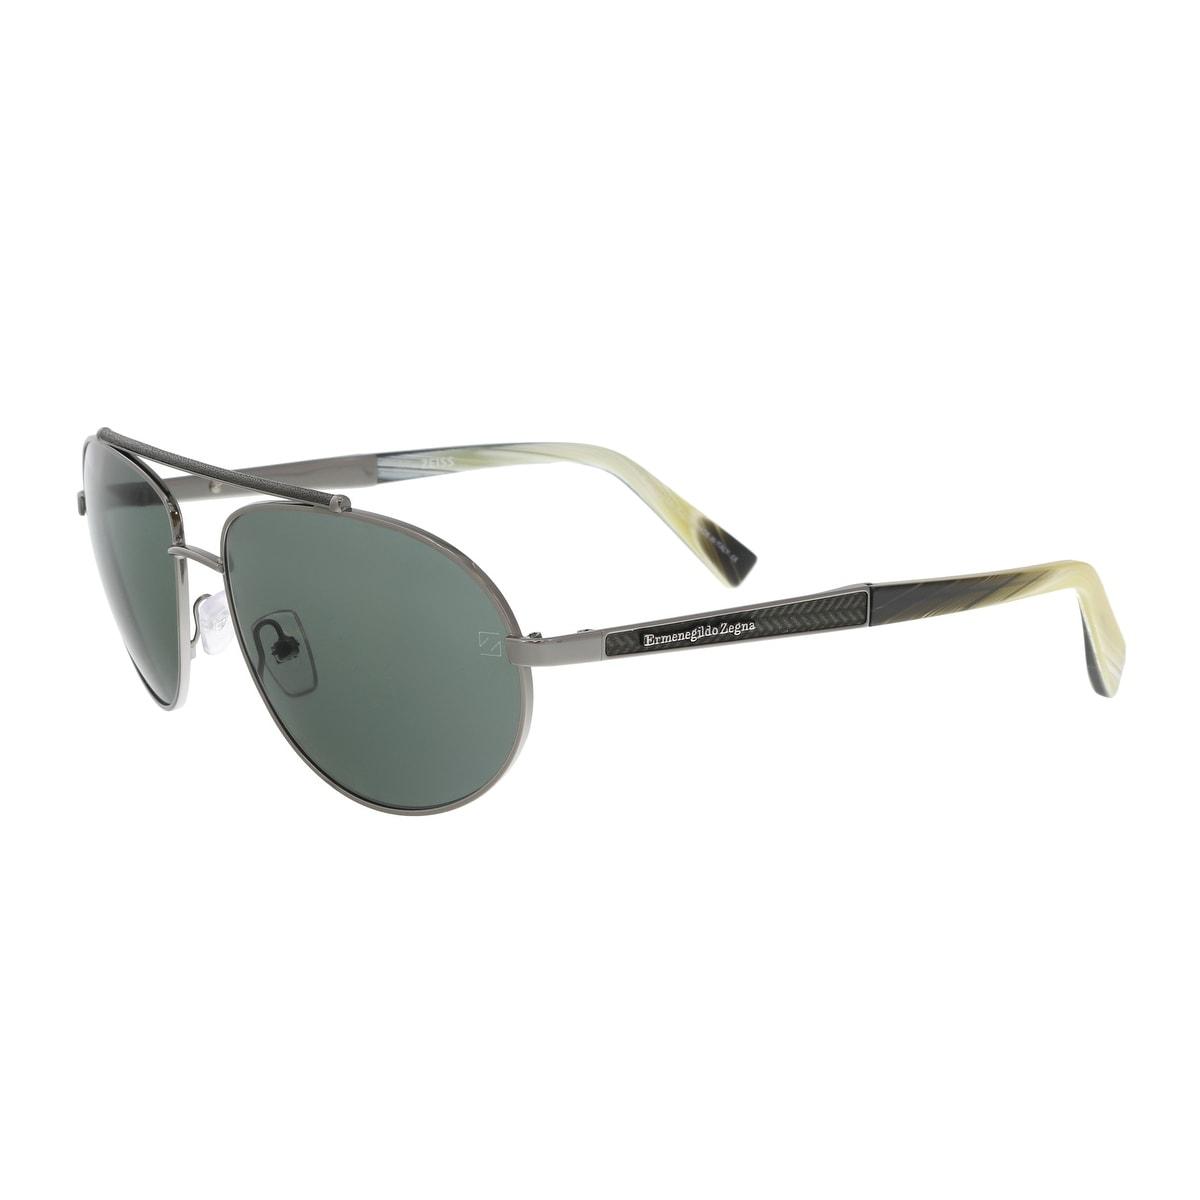 feca82e4cd Ermenegildo Zegna Sunglasses